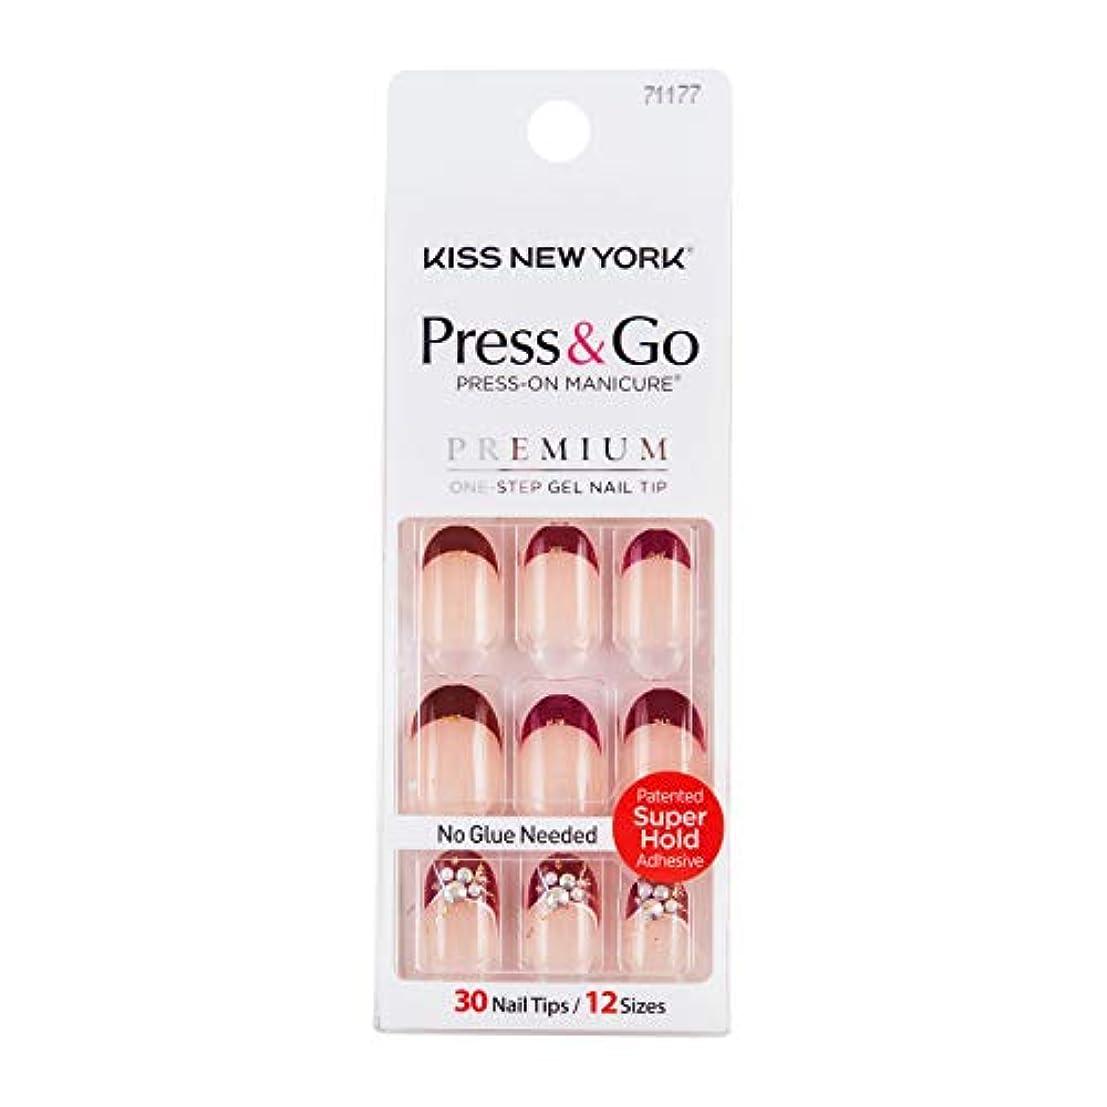 生き残り雰囲気礼拝キスニューヨーク (KISS NEW YORK) KISS NEWYORK ネイルチップPress&Go BHJ26J 19g